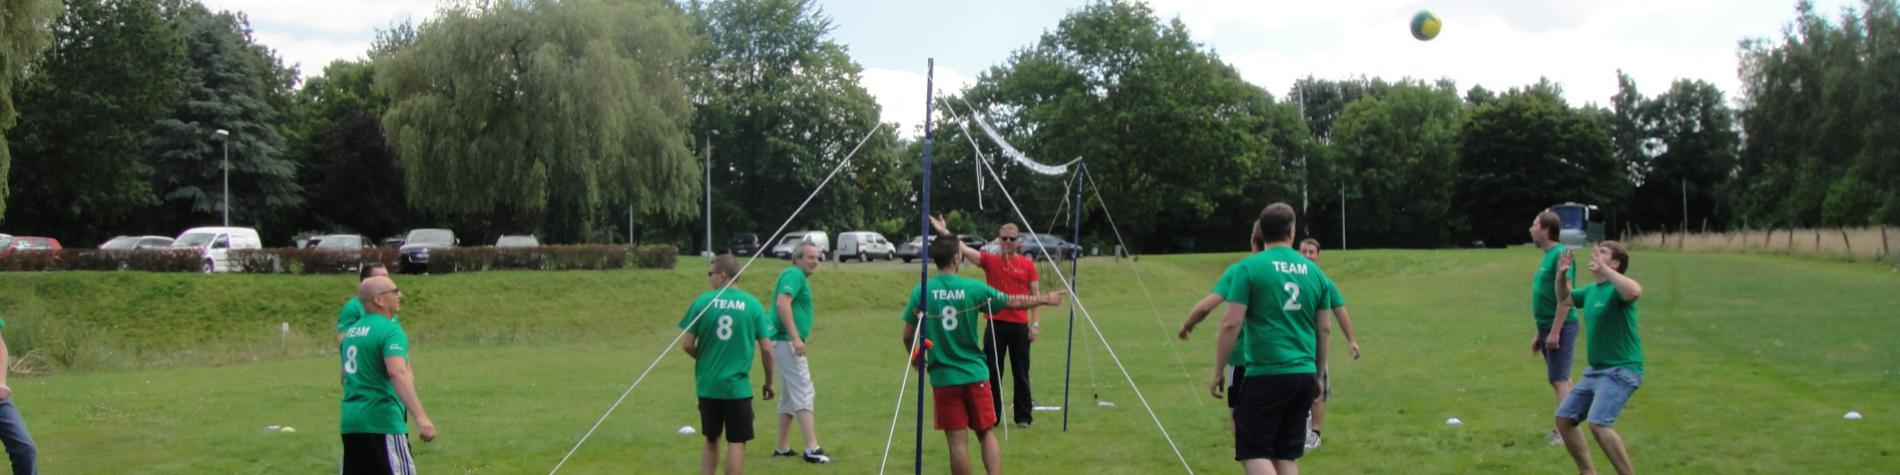 Teambuilding en Wallonie avec Sem'on business